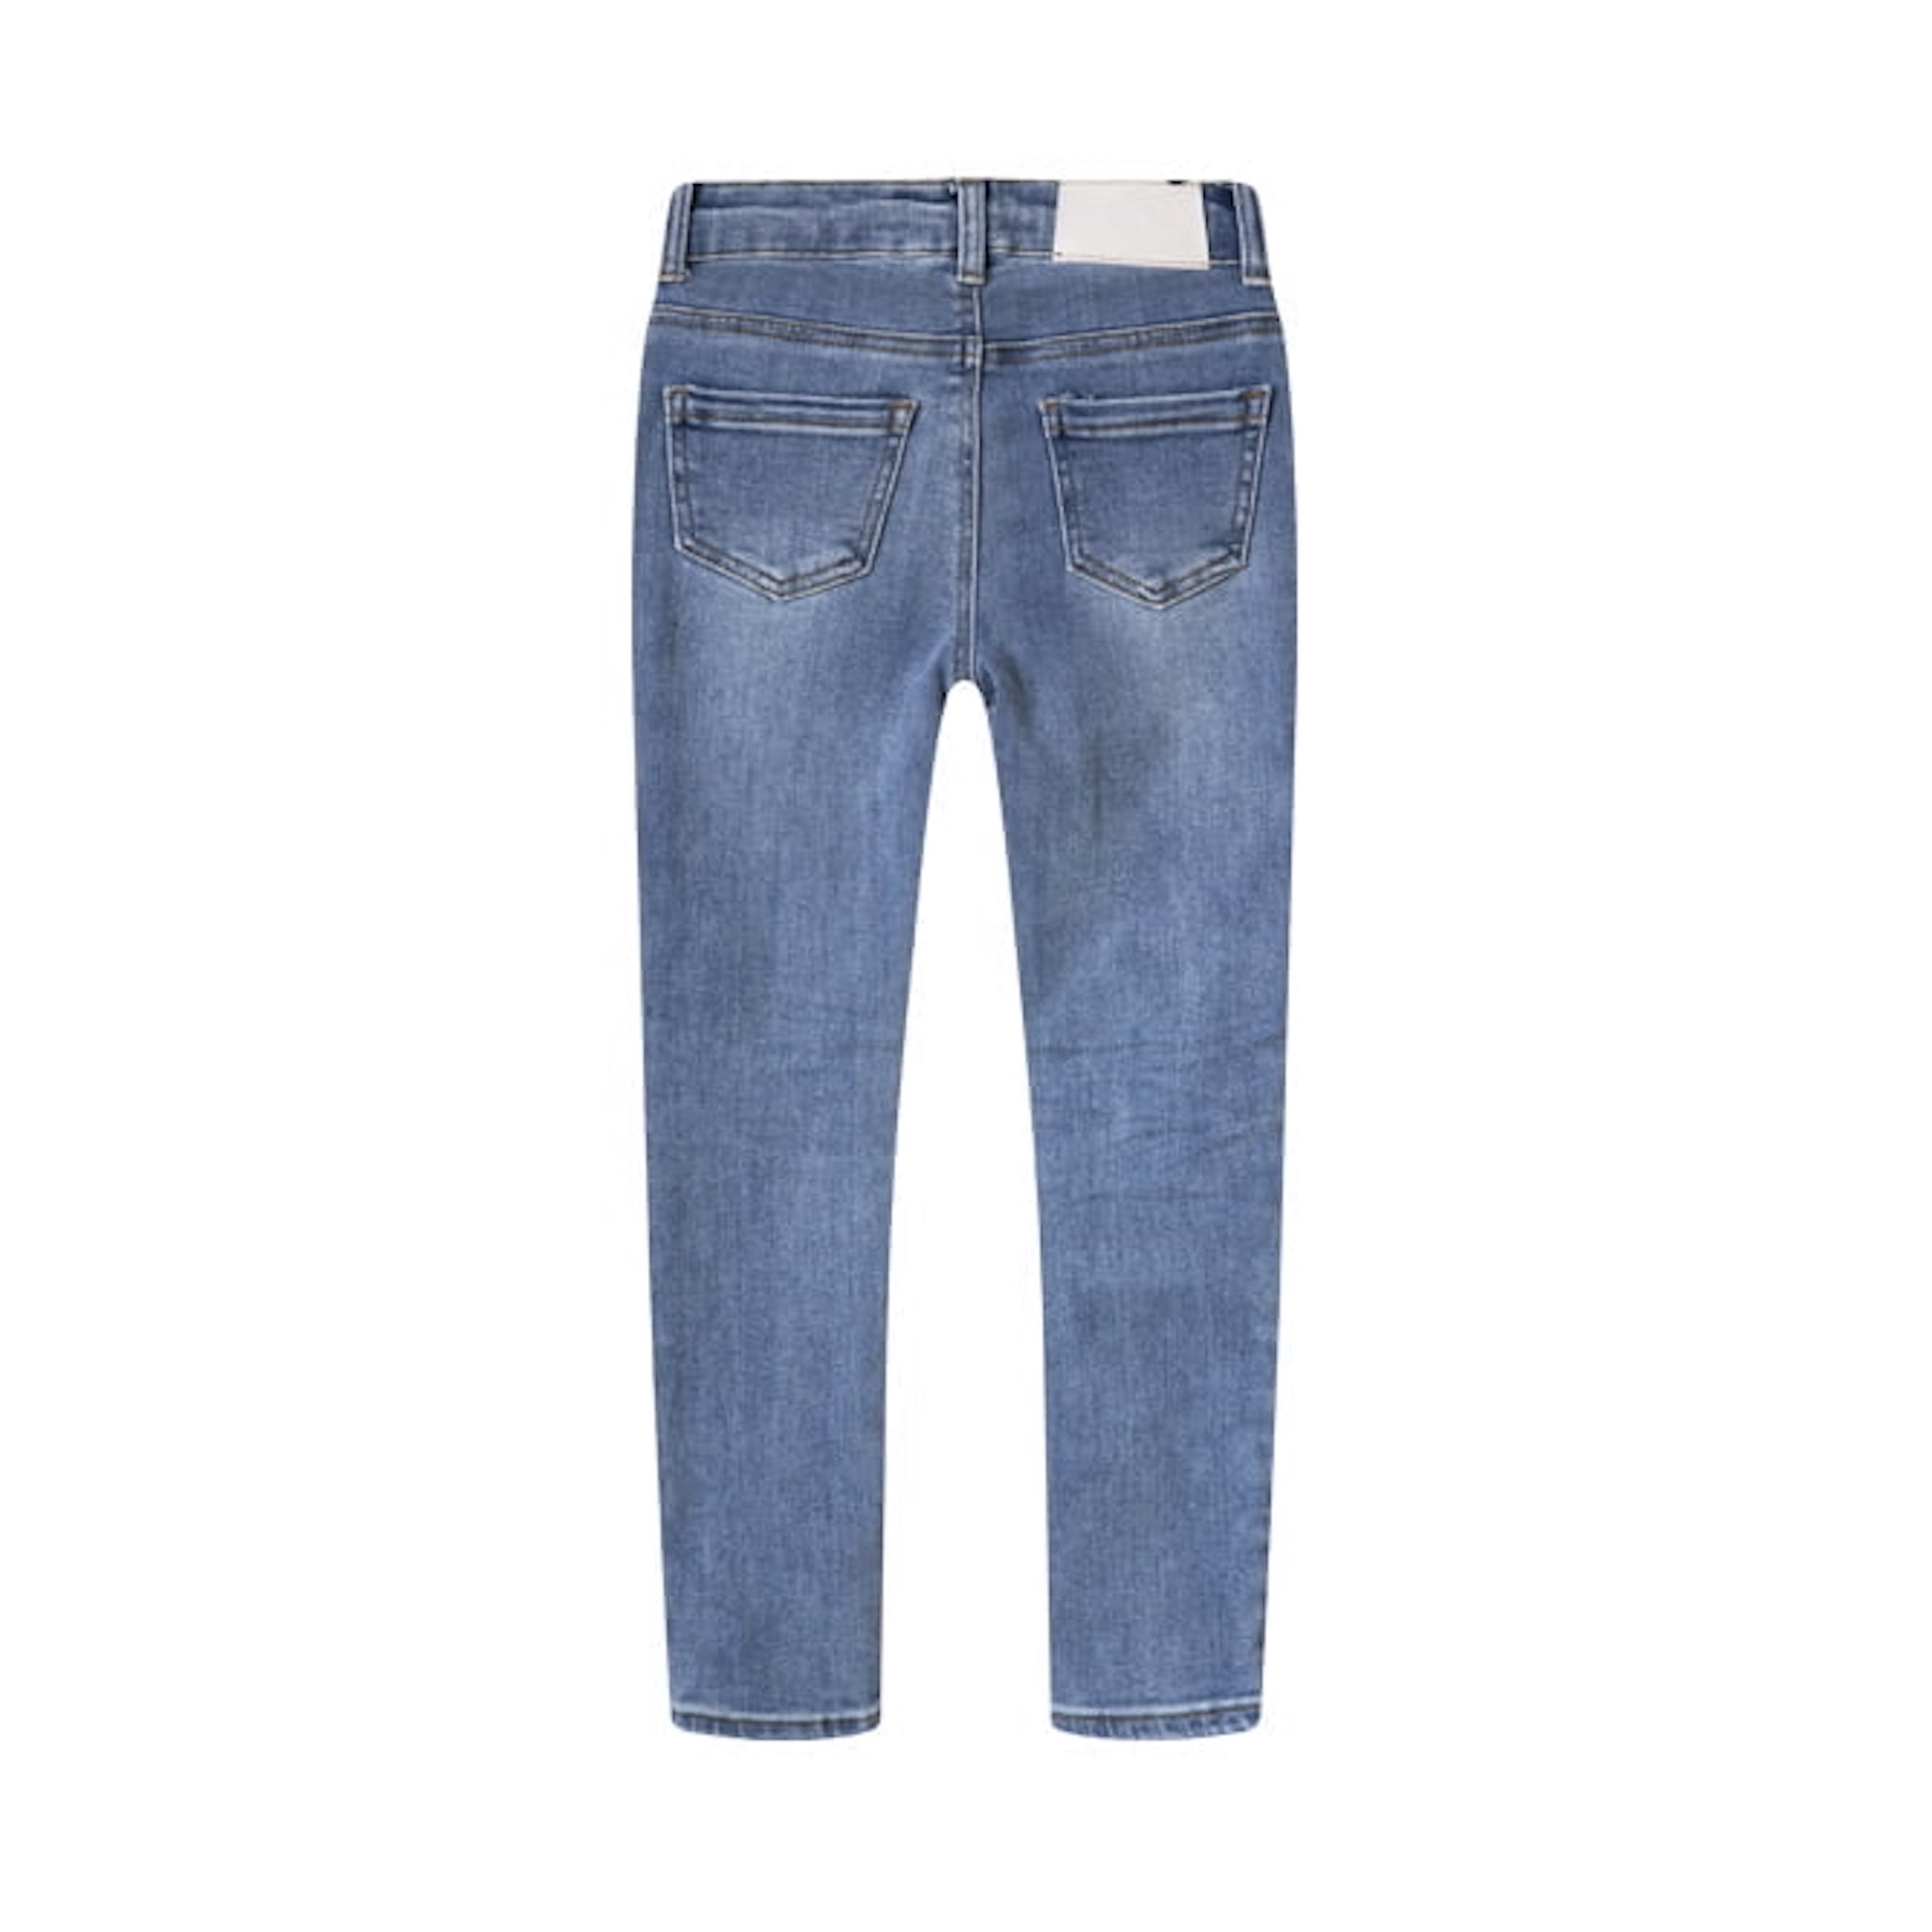 I dig denim - Madison Jeans